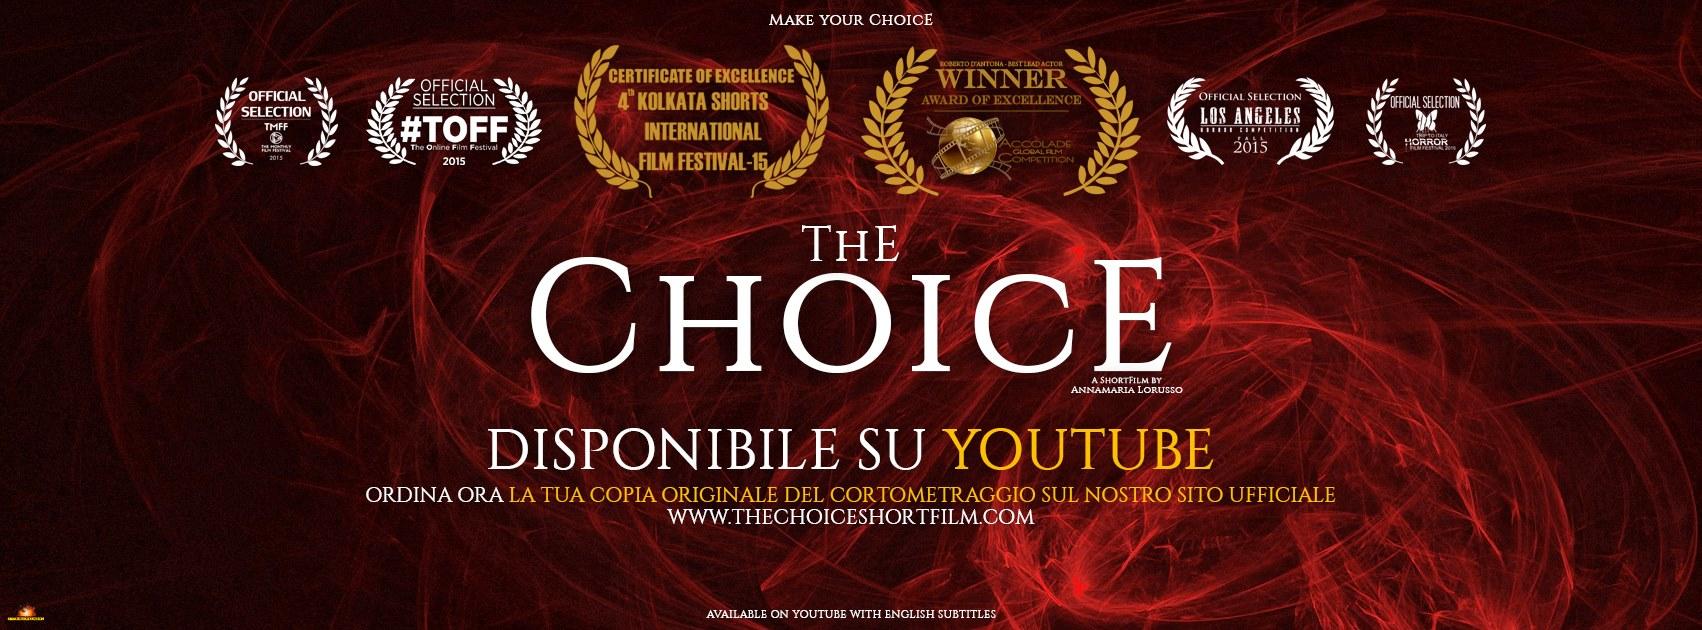 """Il cortometraggio """"The Choice"""" di Annamaria Lorusso ha vinto (per la sezione corti) la prima edizione del Torino Comics Horror Fest. Continuano gli straordinari successi del duo Lorusso/D'Antona. Questa volta […]"""